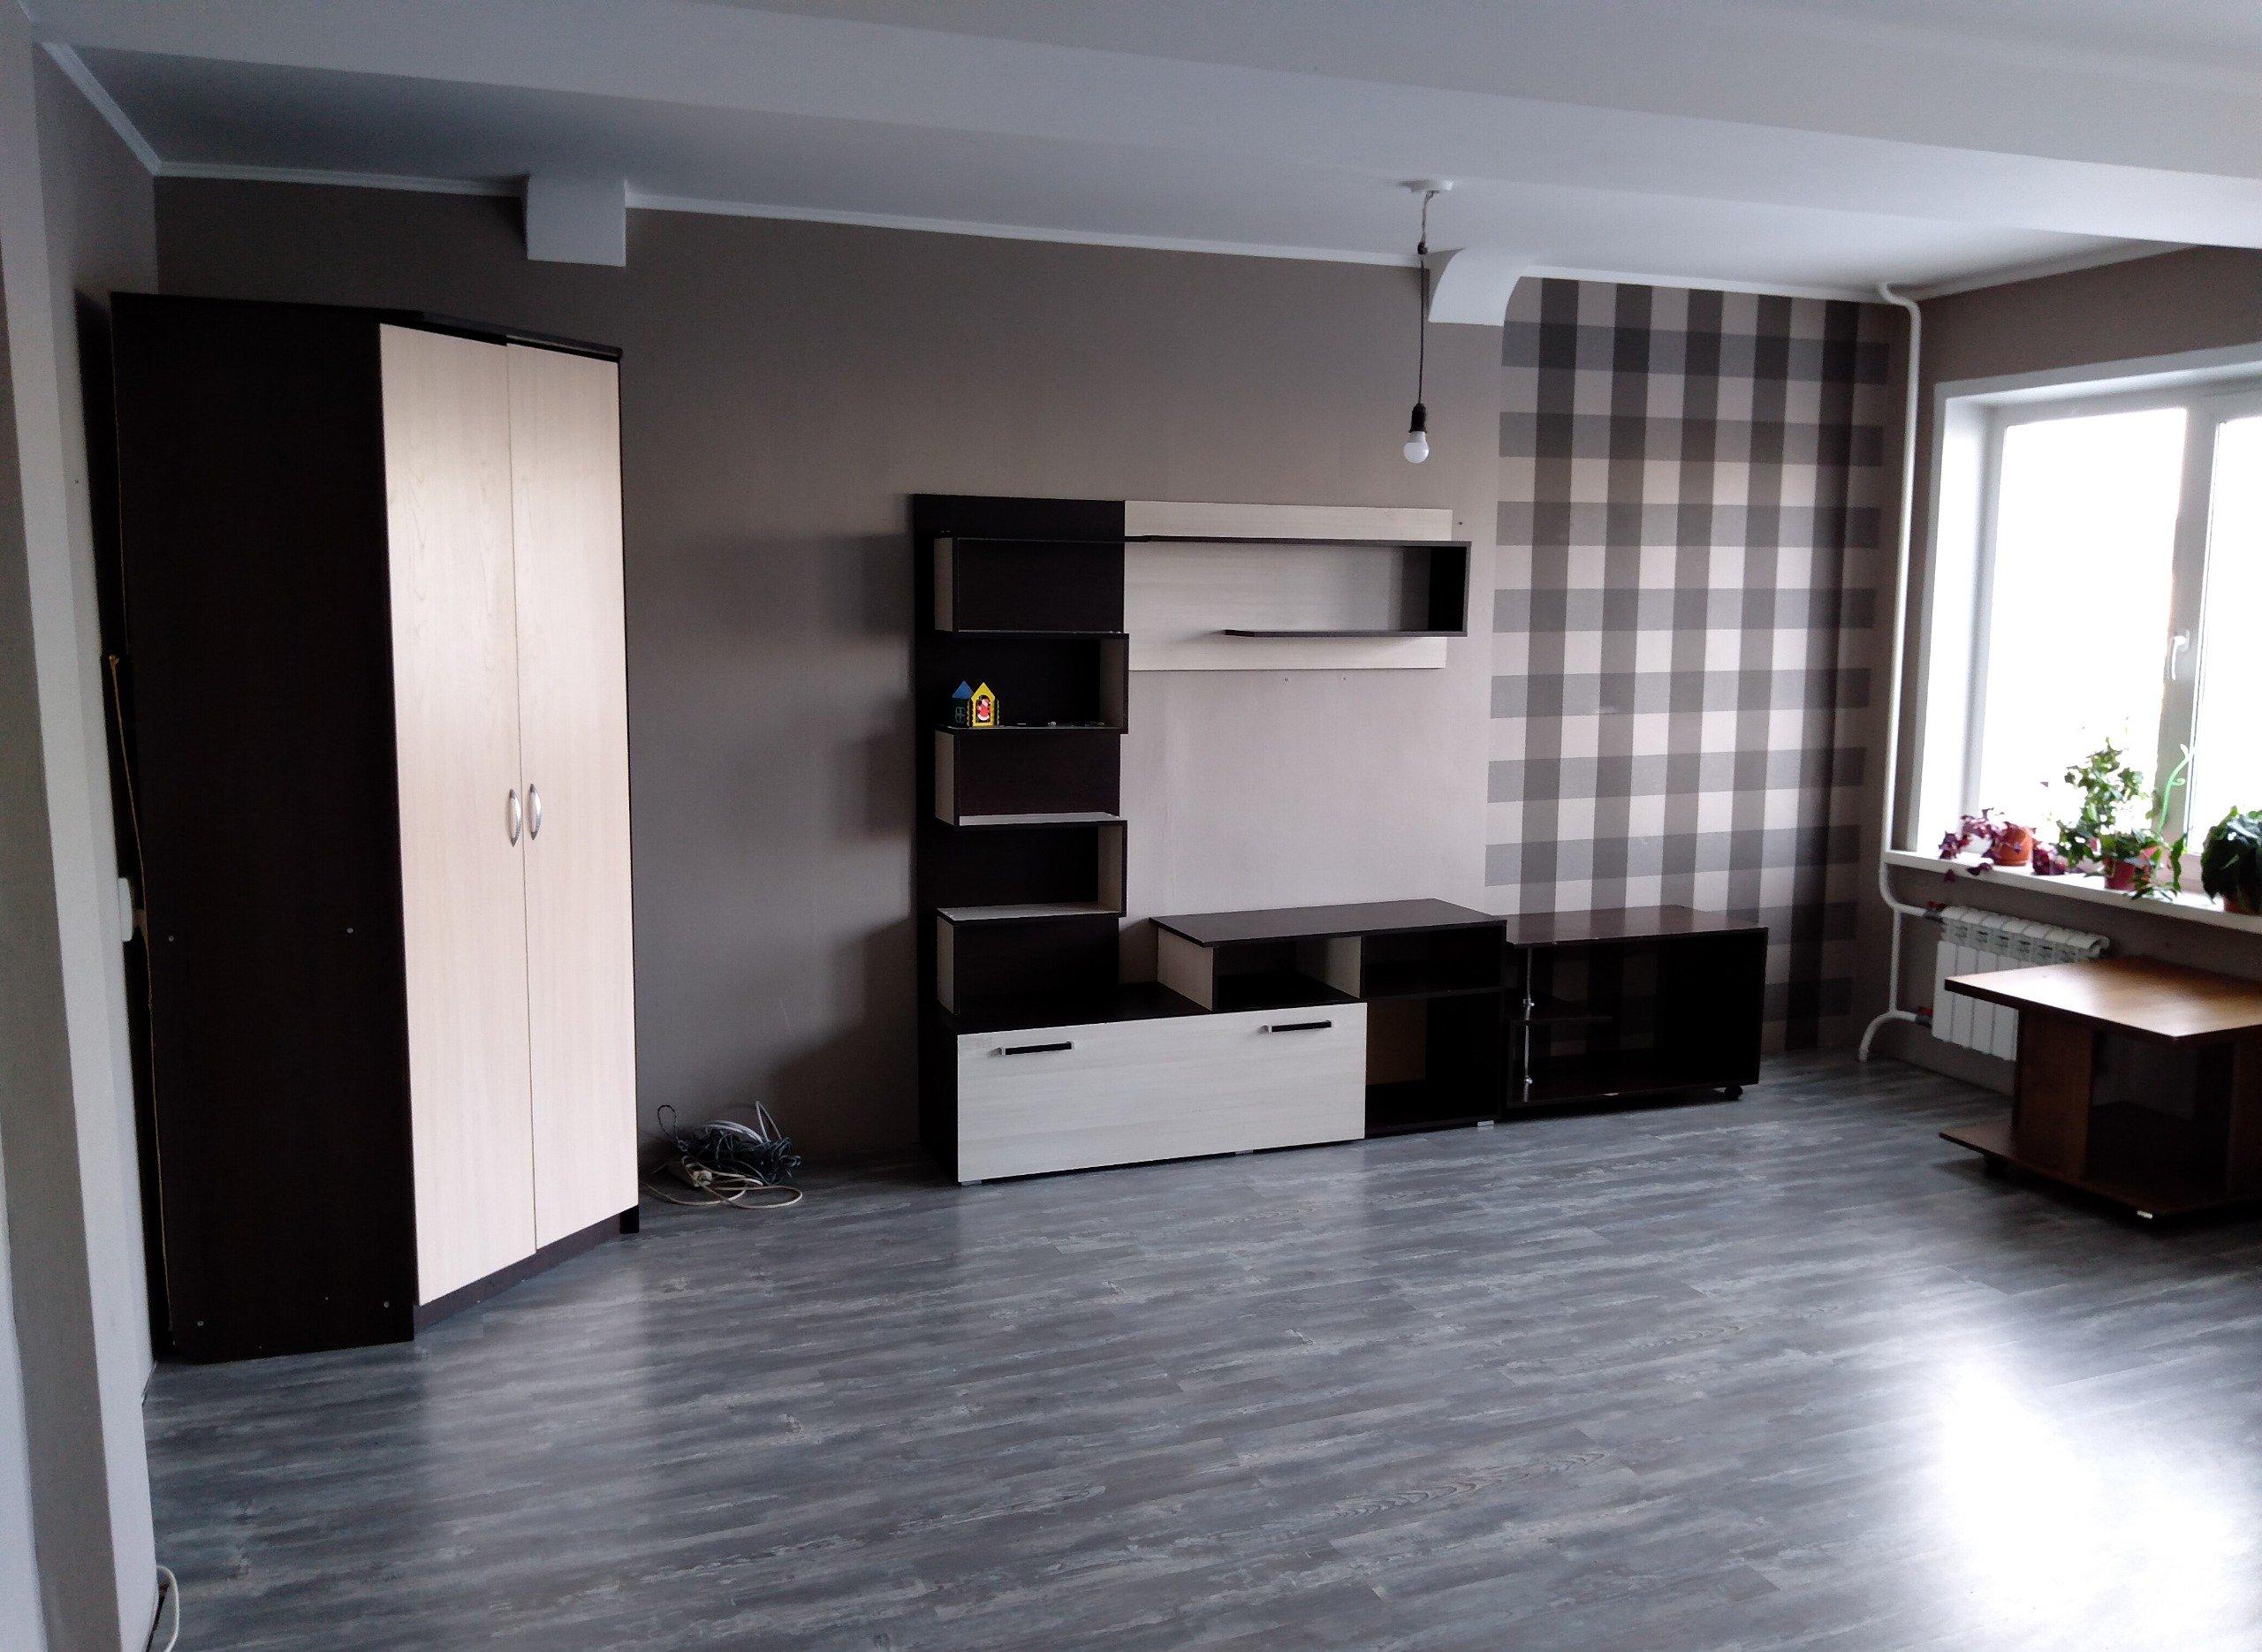 3к квартира ул Судостроительная, д 95 | 18000 | аренда в Красноярске фото 5